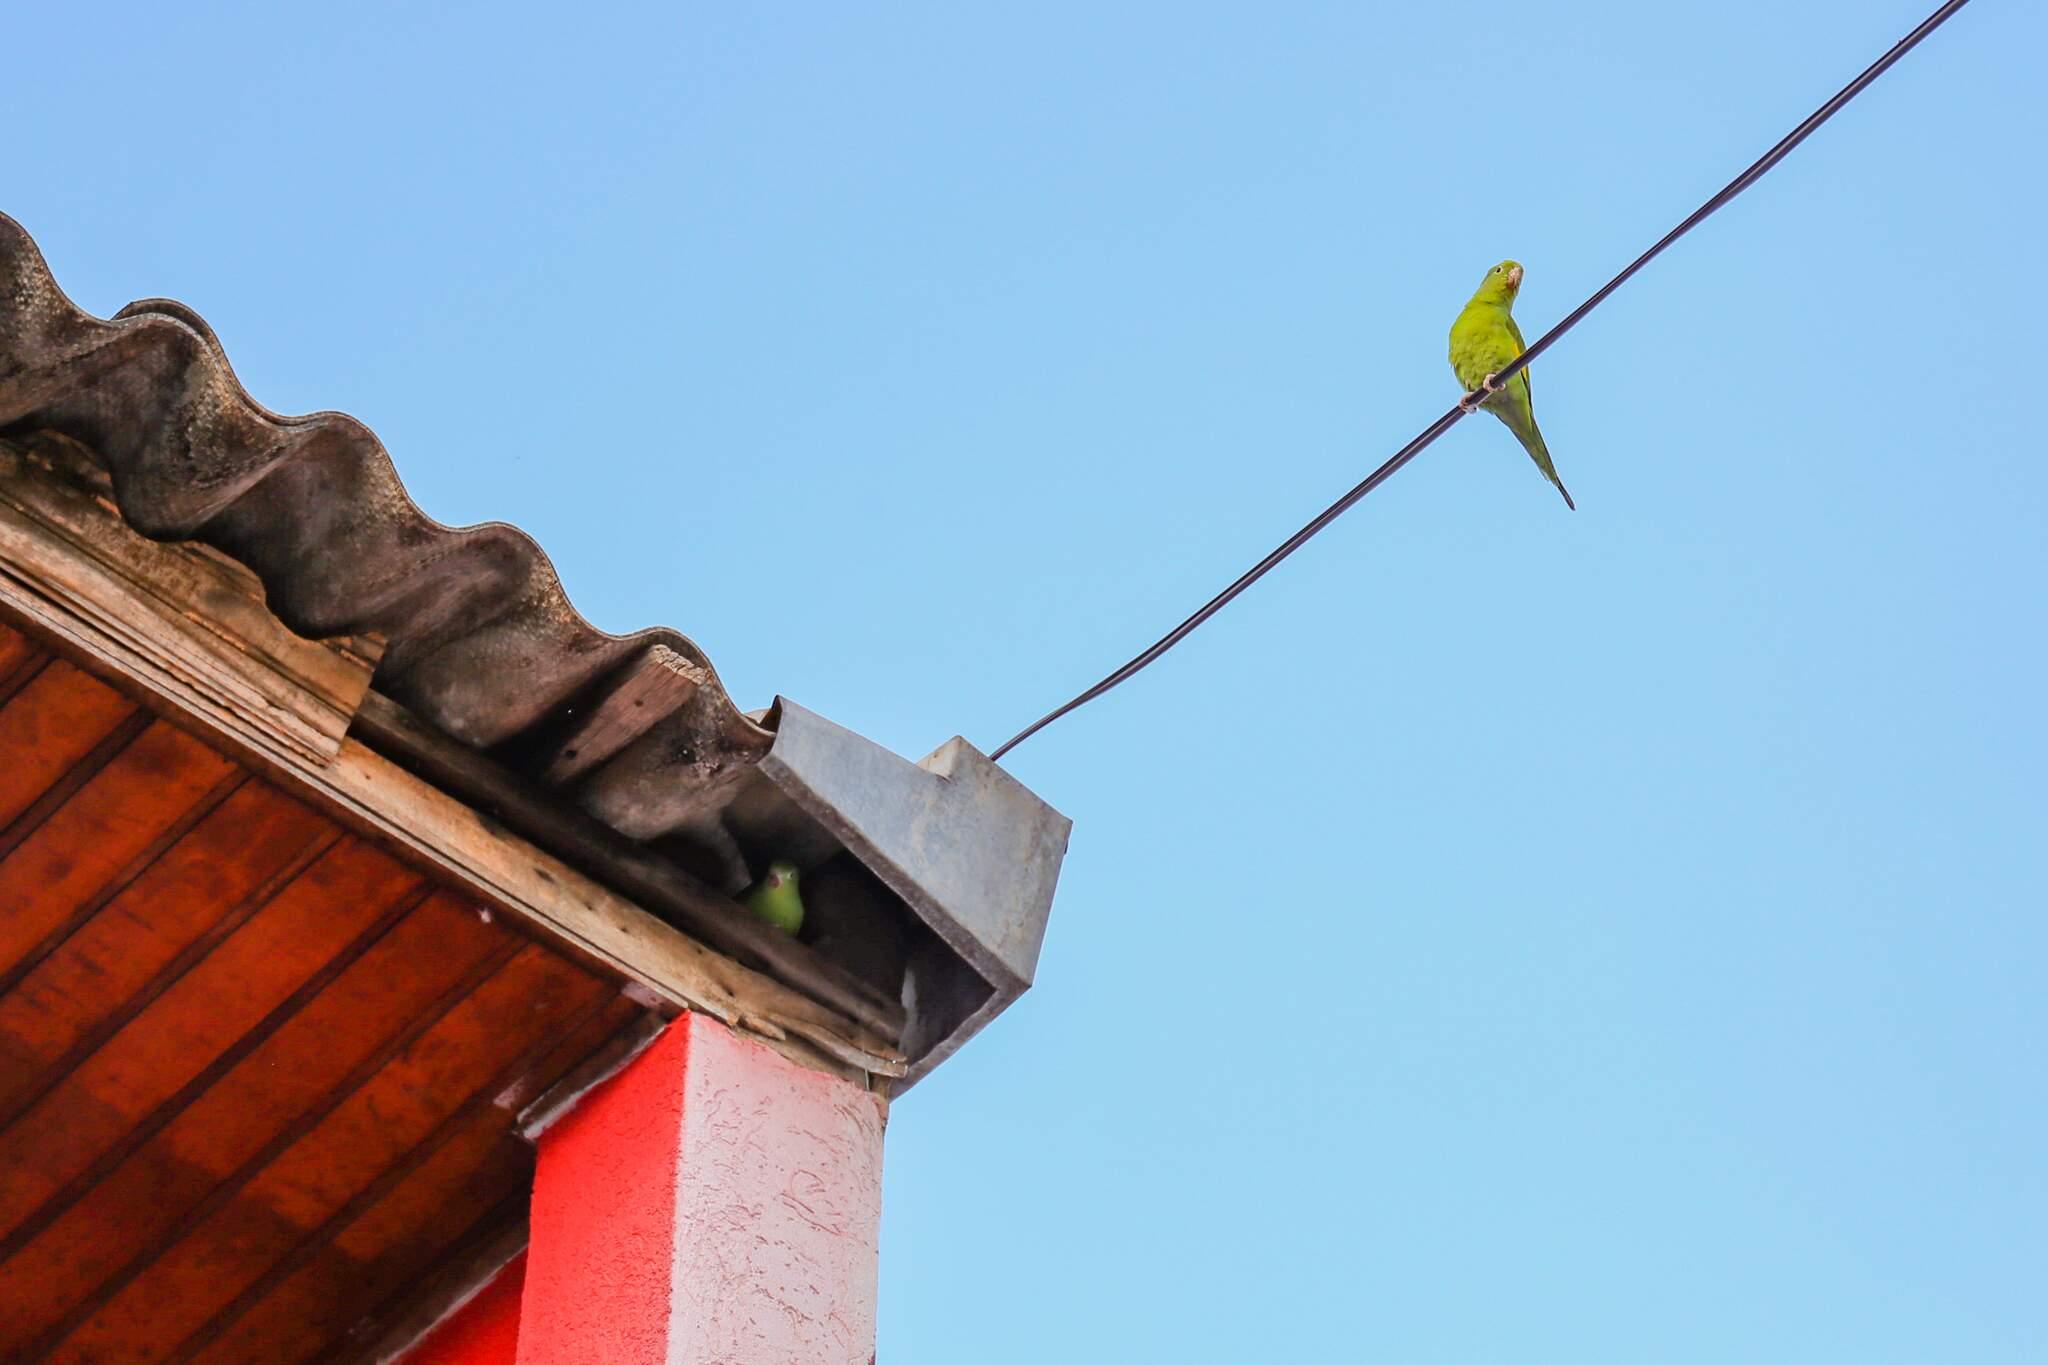 Enquanto uma maritaca observa a paisagem, outra se esconde no ninho debaixo da calha (Foto: Paulo Francis)